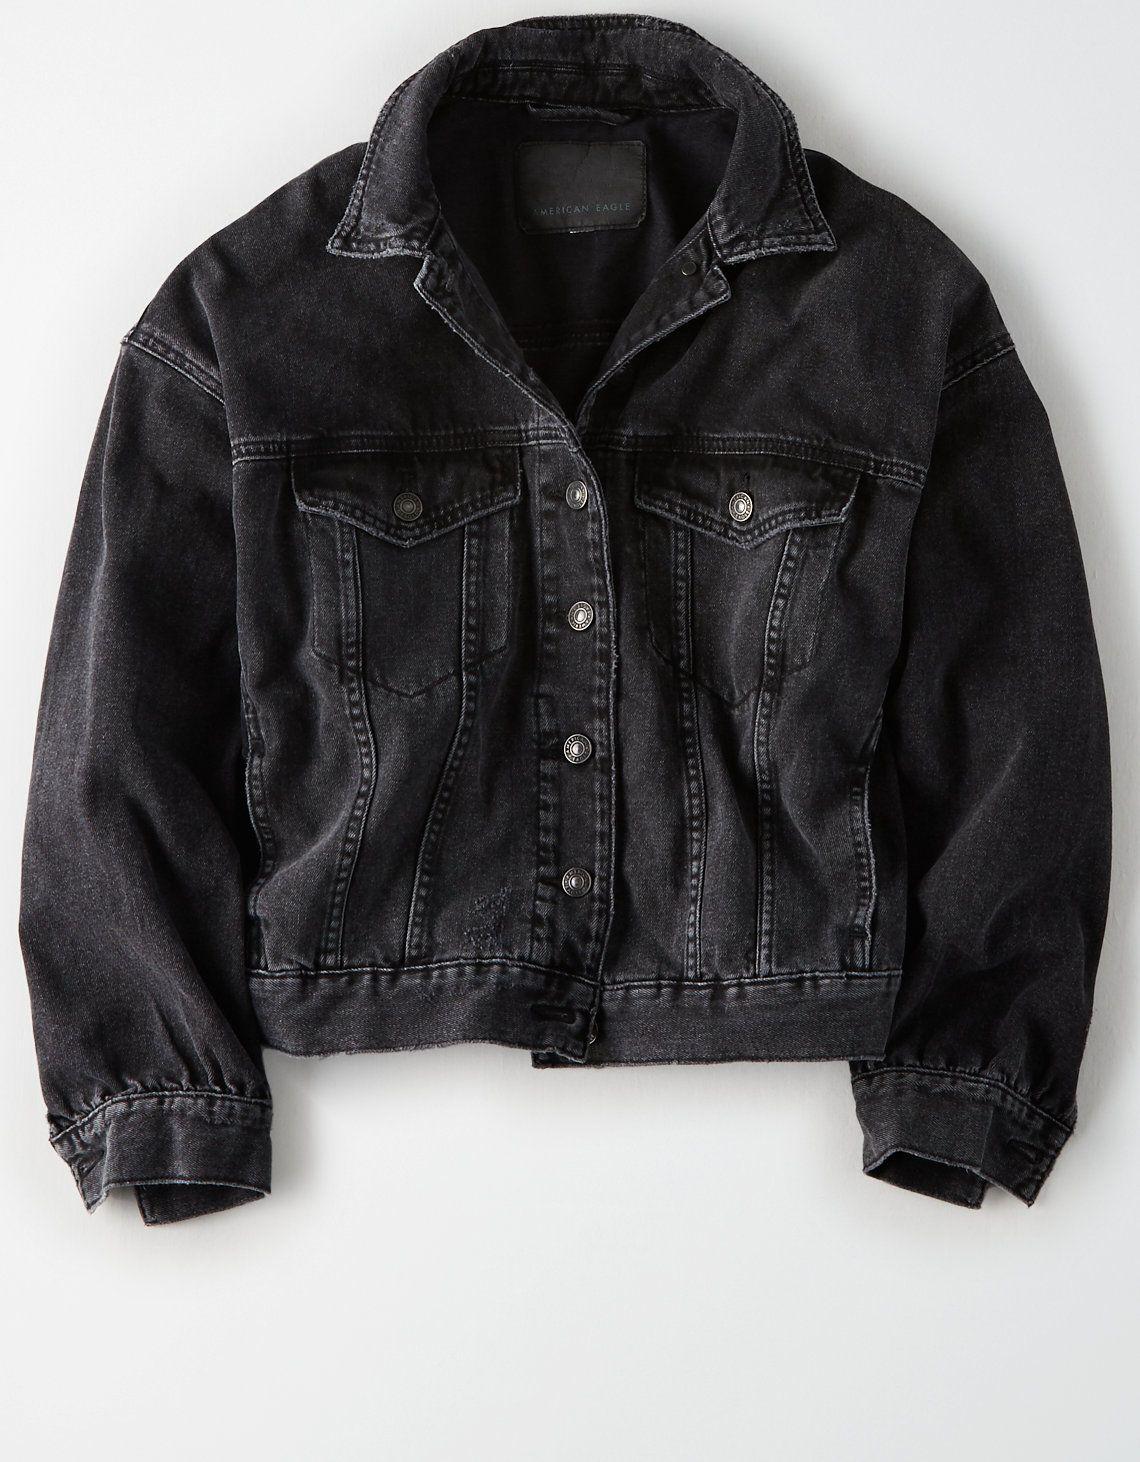 Pin By Heer On Things To Buy Denim Jacket 90s Denim Jacket Denim Jacket Women [ 1462 x 1140 Pixel ]